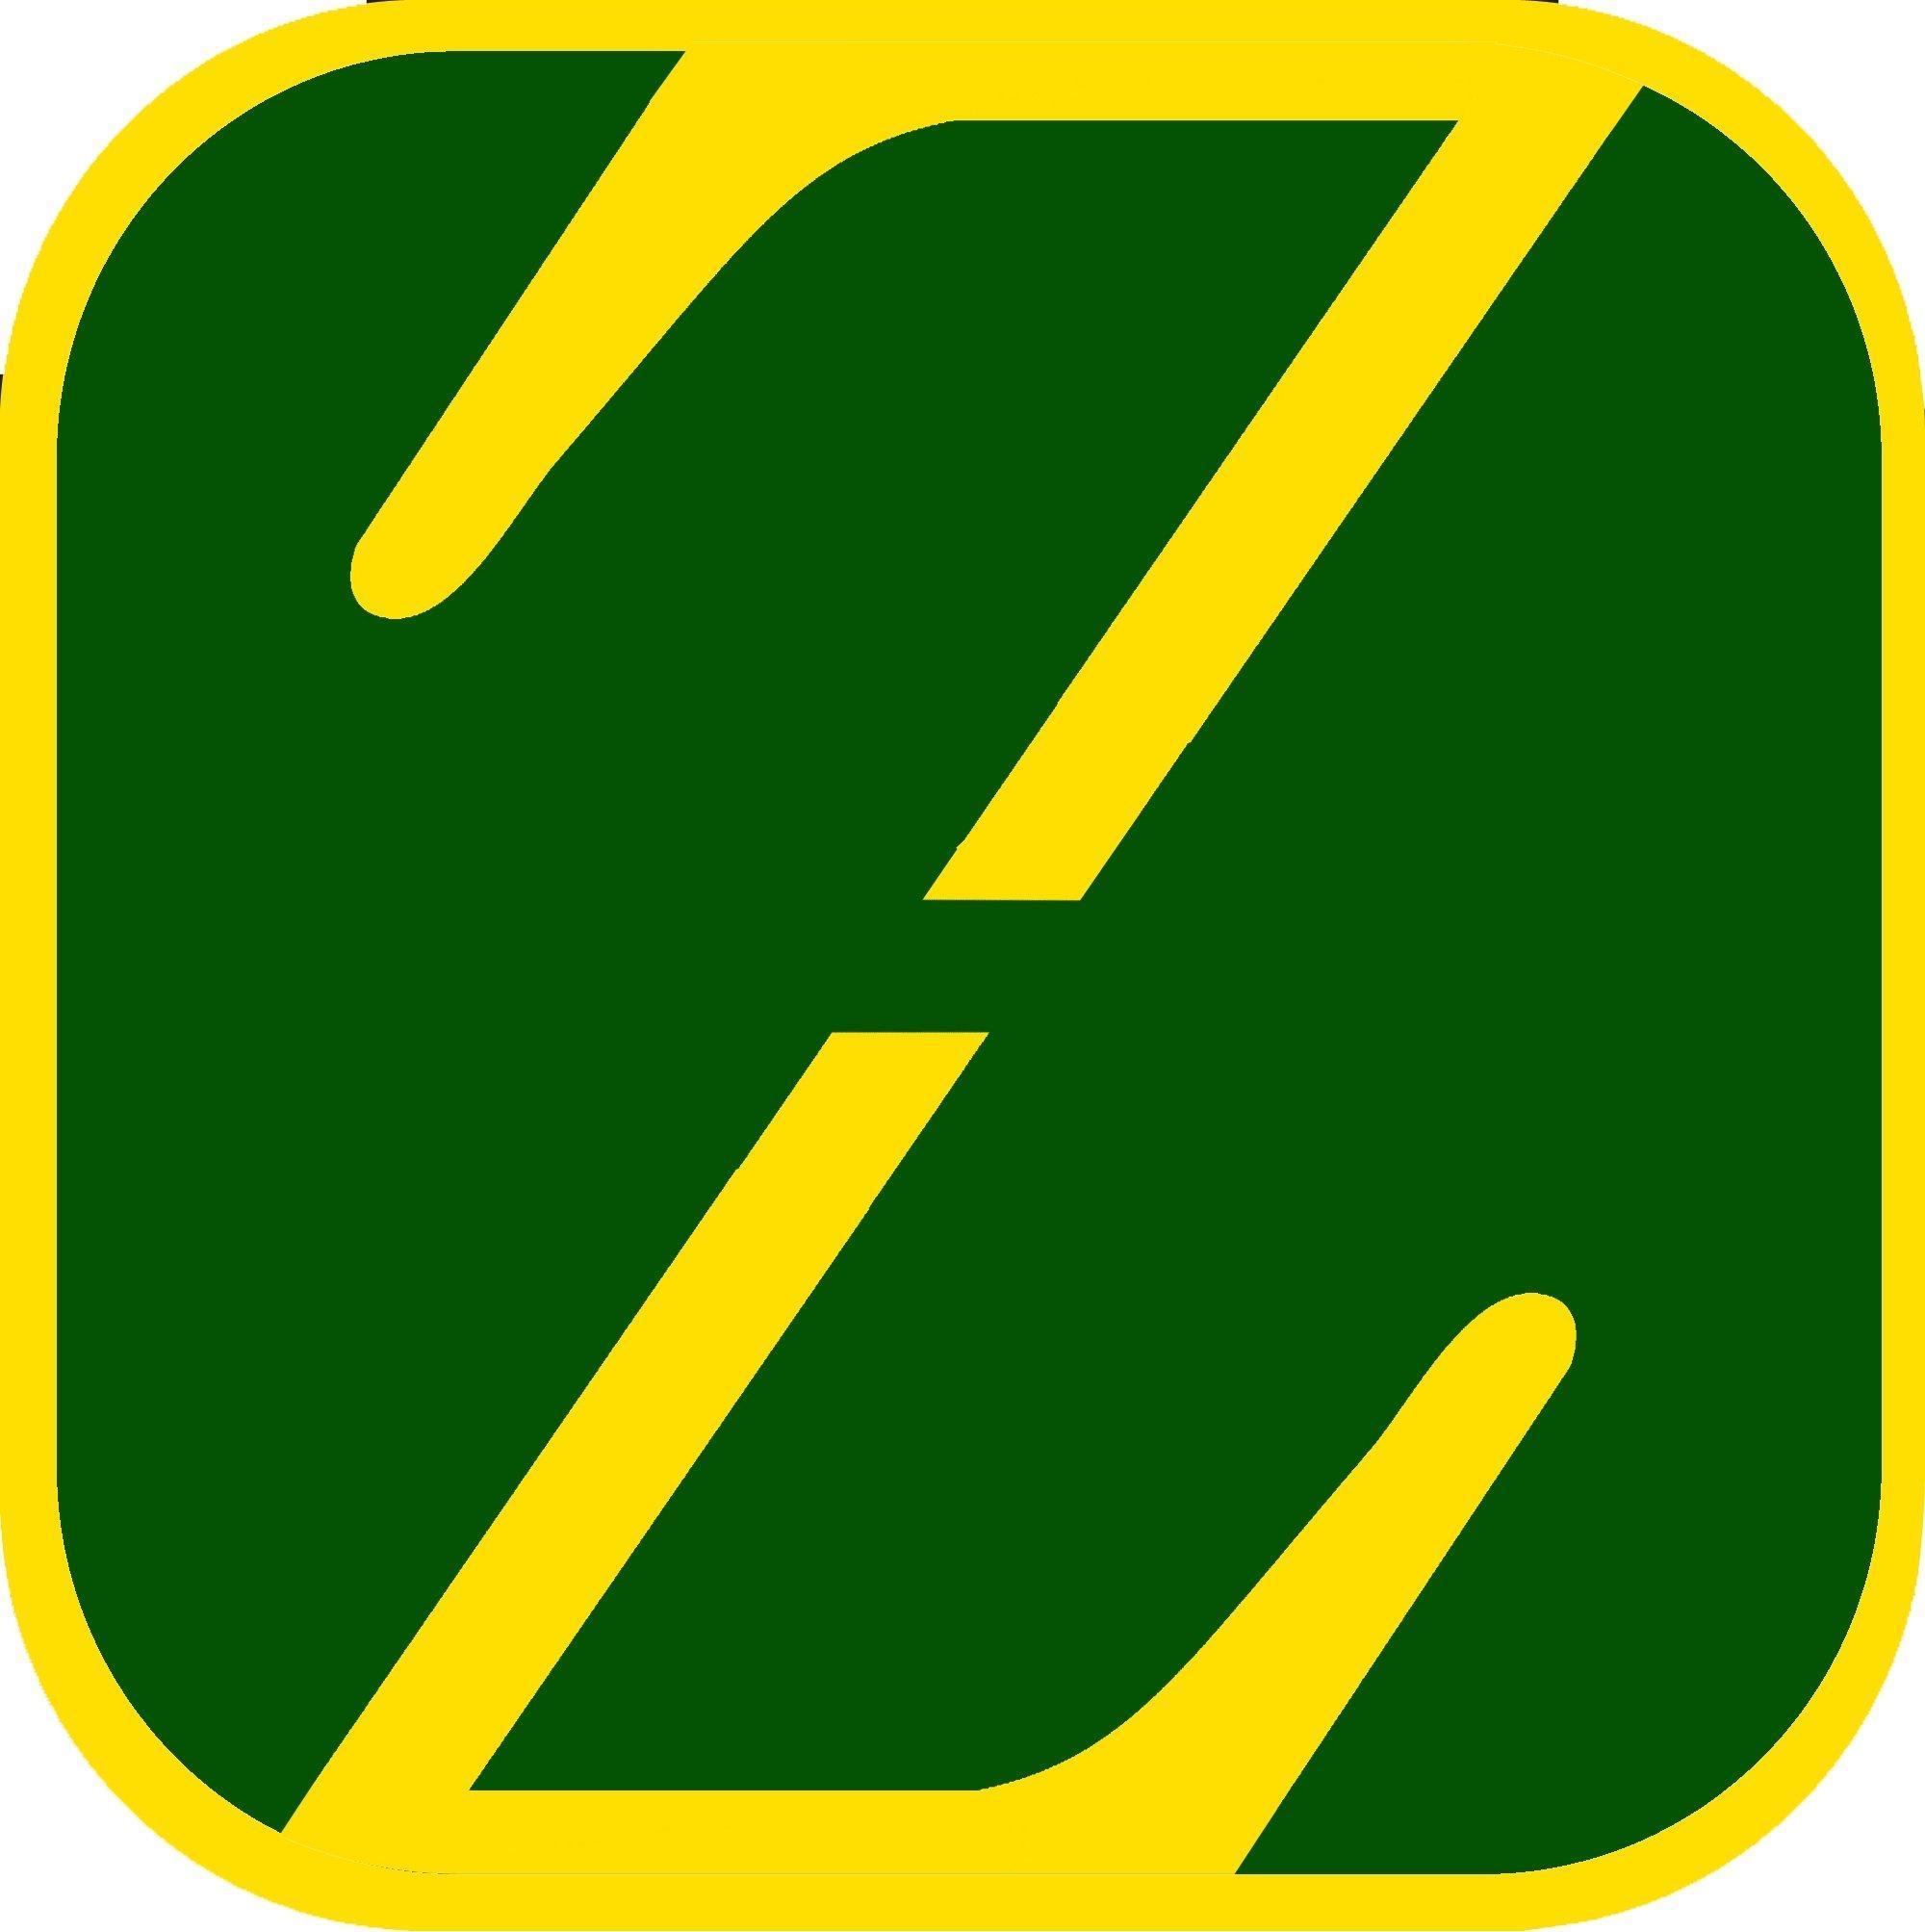 logo 标识 标志 设计 矢量 矢量图 素材 图标 2000_2007